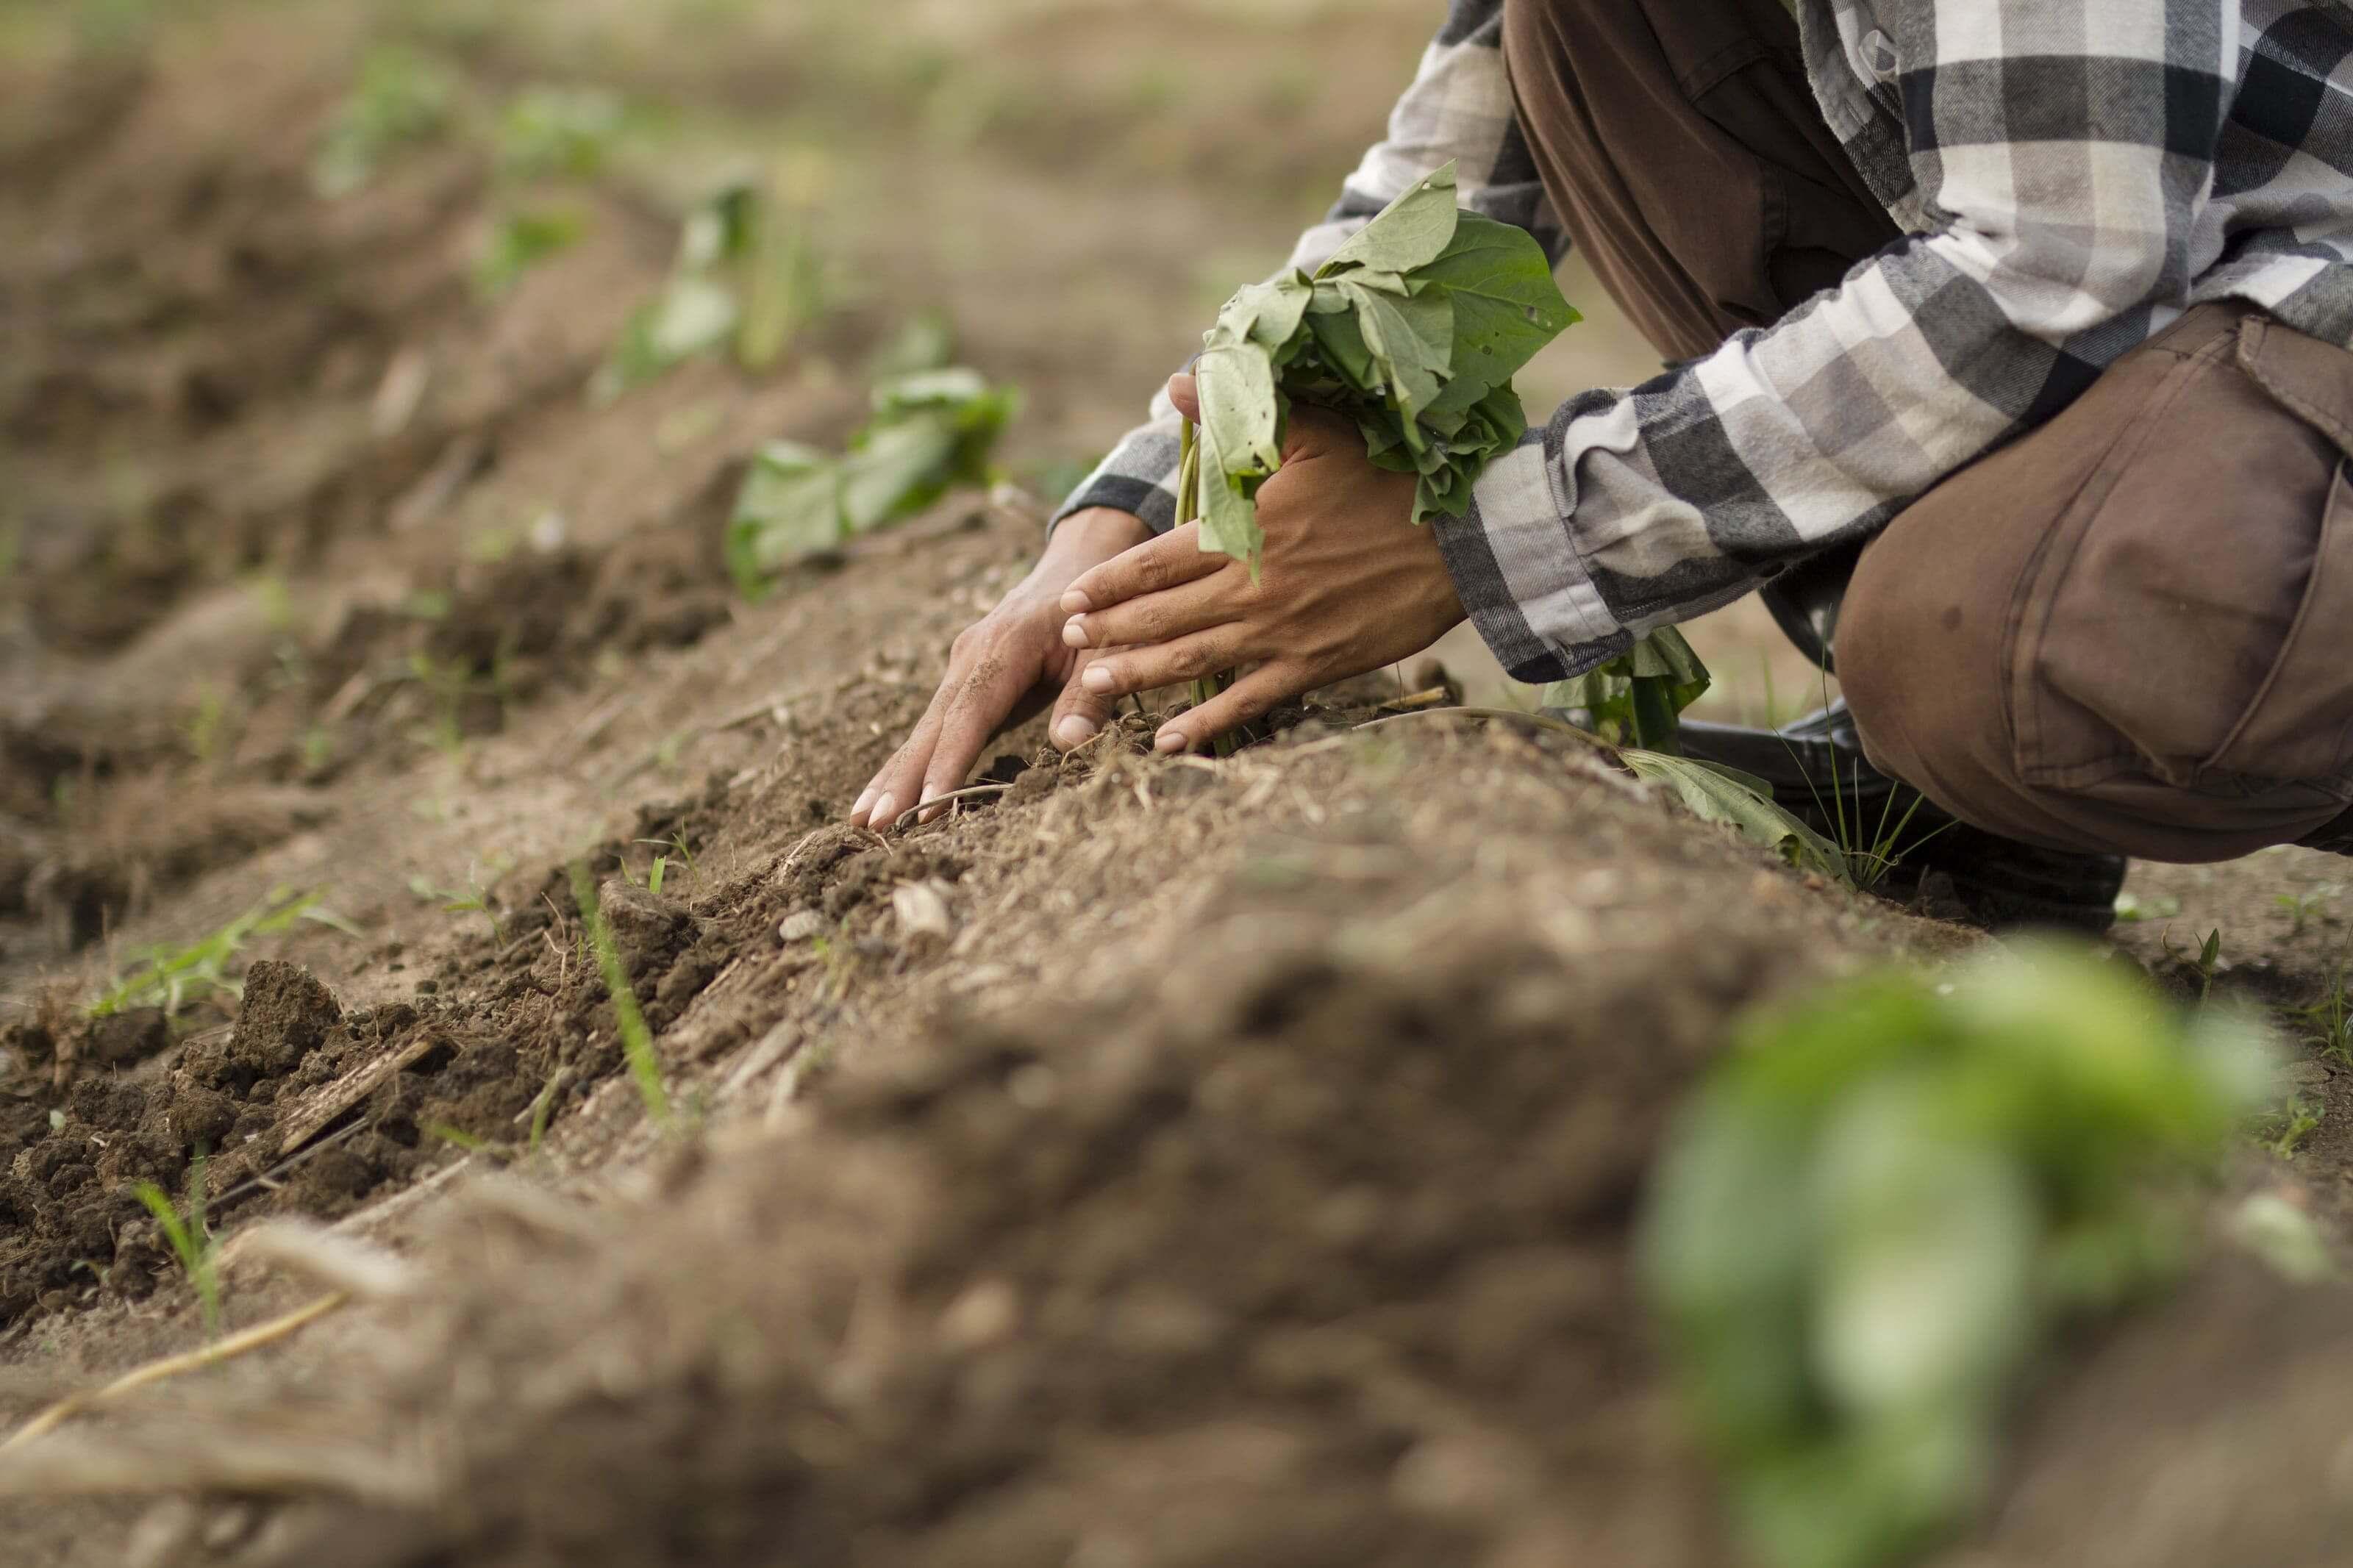 Aardappel met blad in de grond